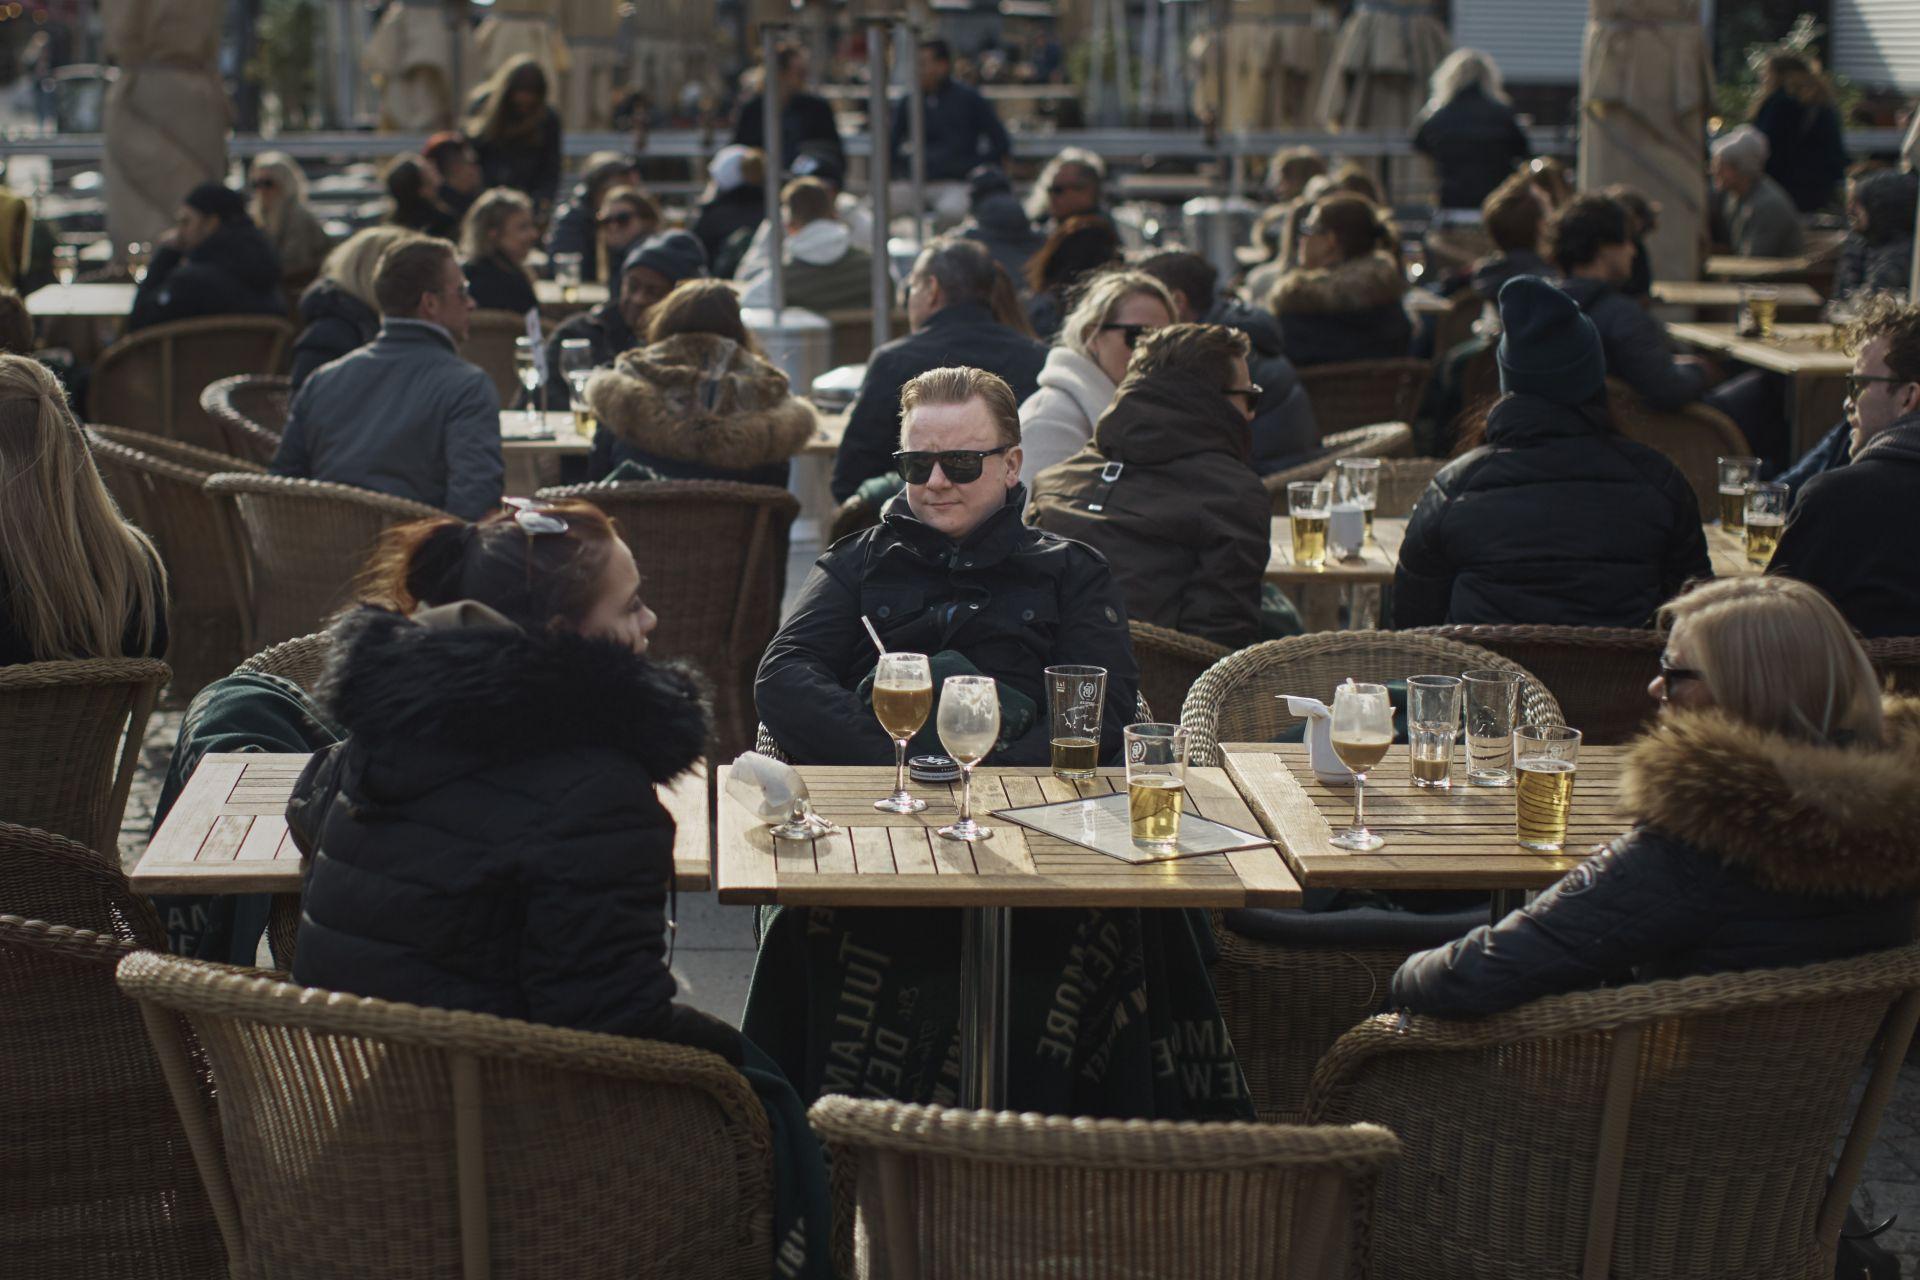 Стакхолм - властите препоръчват социална изолация, но е видно, че не никой не го приема на сериозно